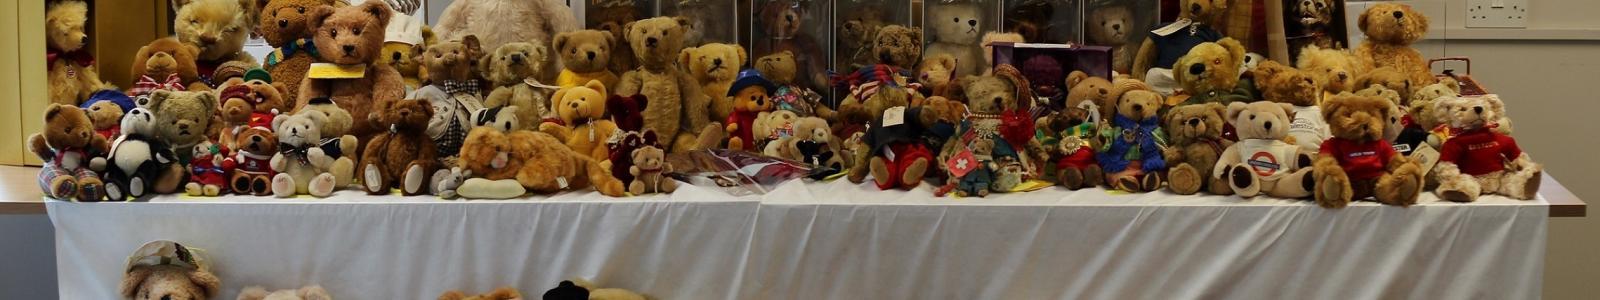 Simpson teddy bears